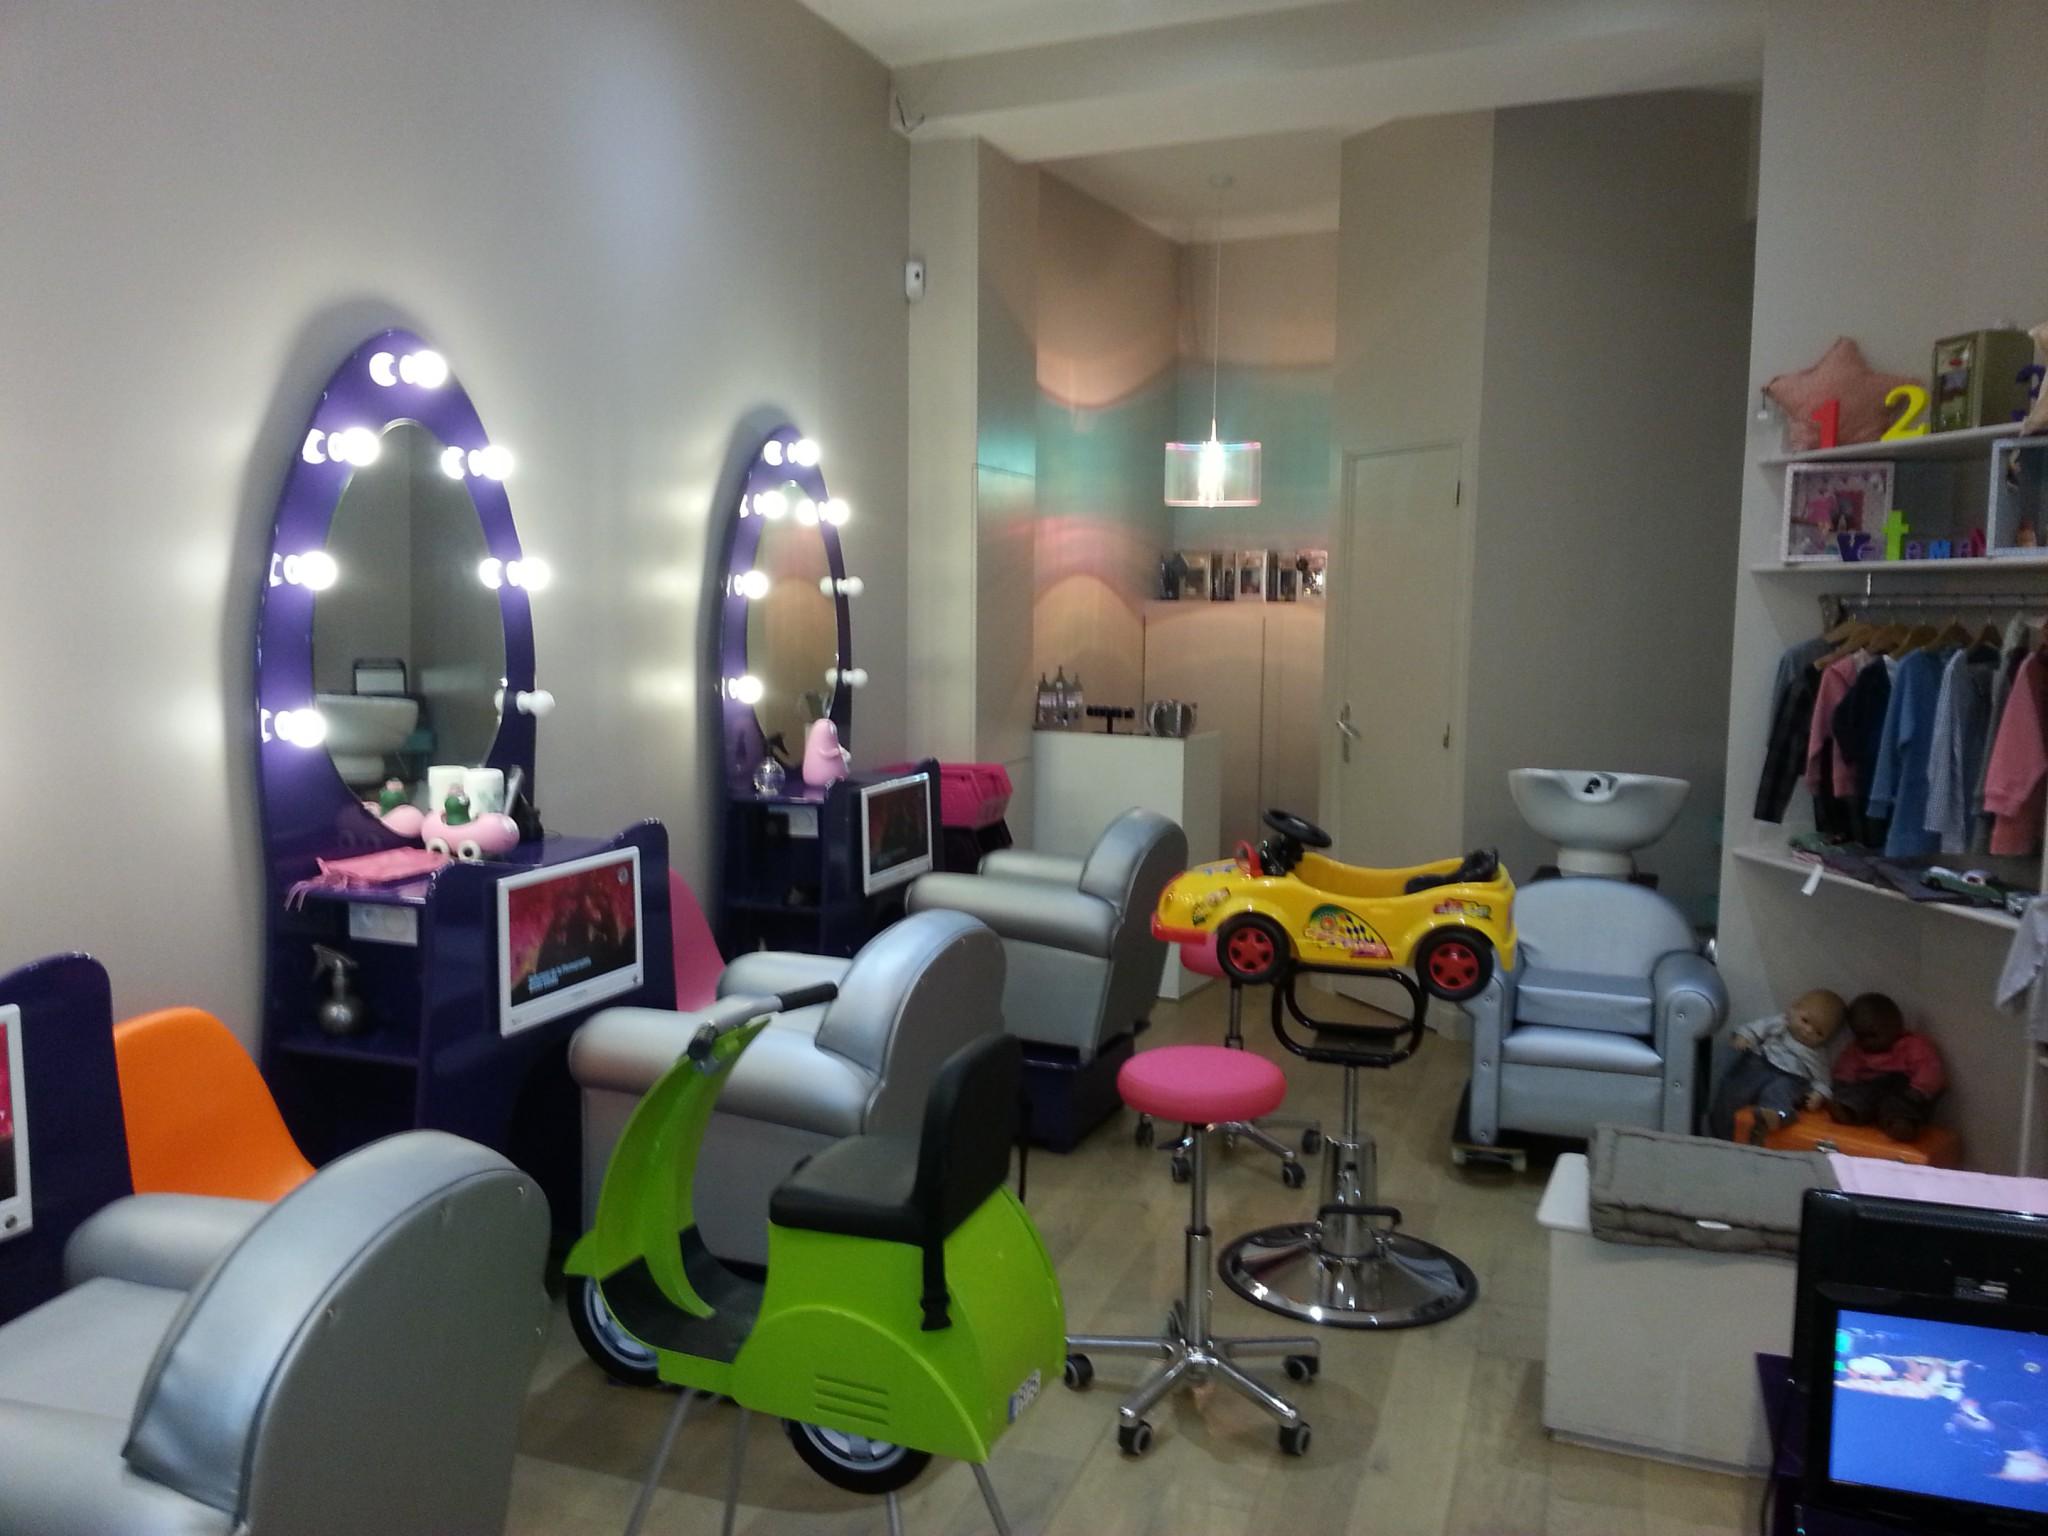 Notre visite myst re au salon de coiffure 123 ciseaux for Salon de coiffure pour enfant